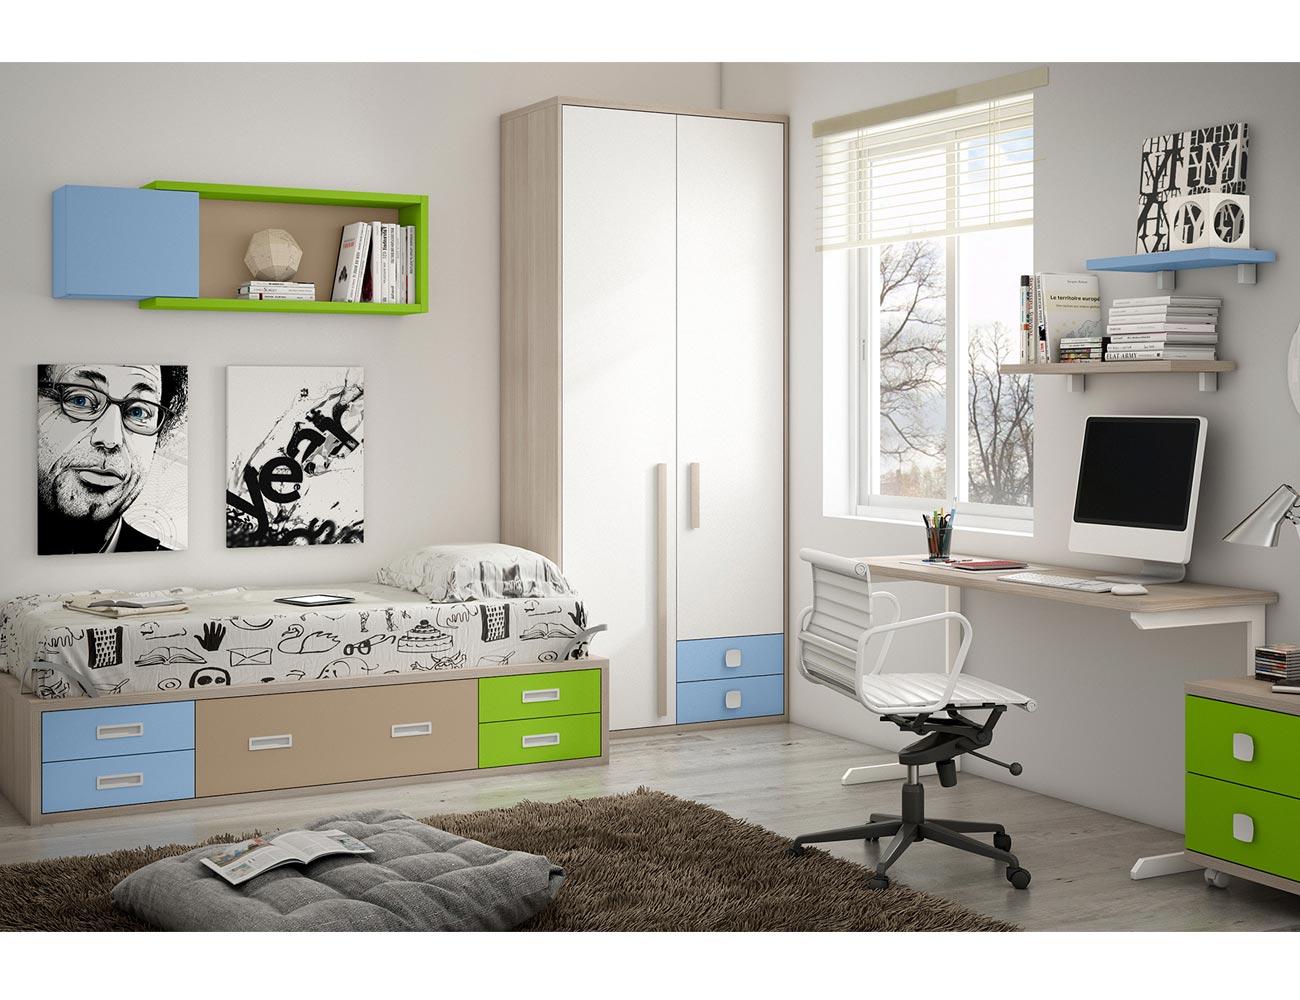 Dormitorio juvenil moderno box cube moderno